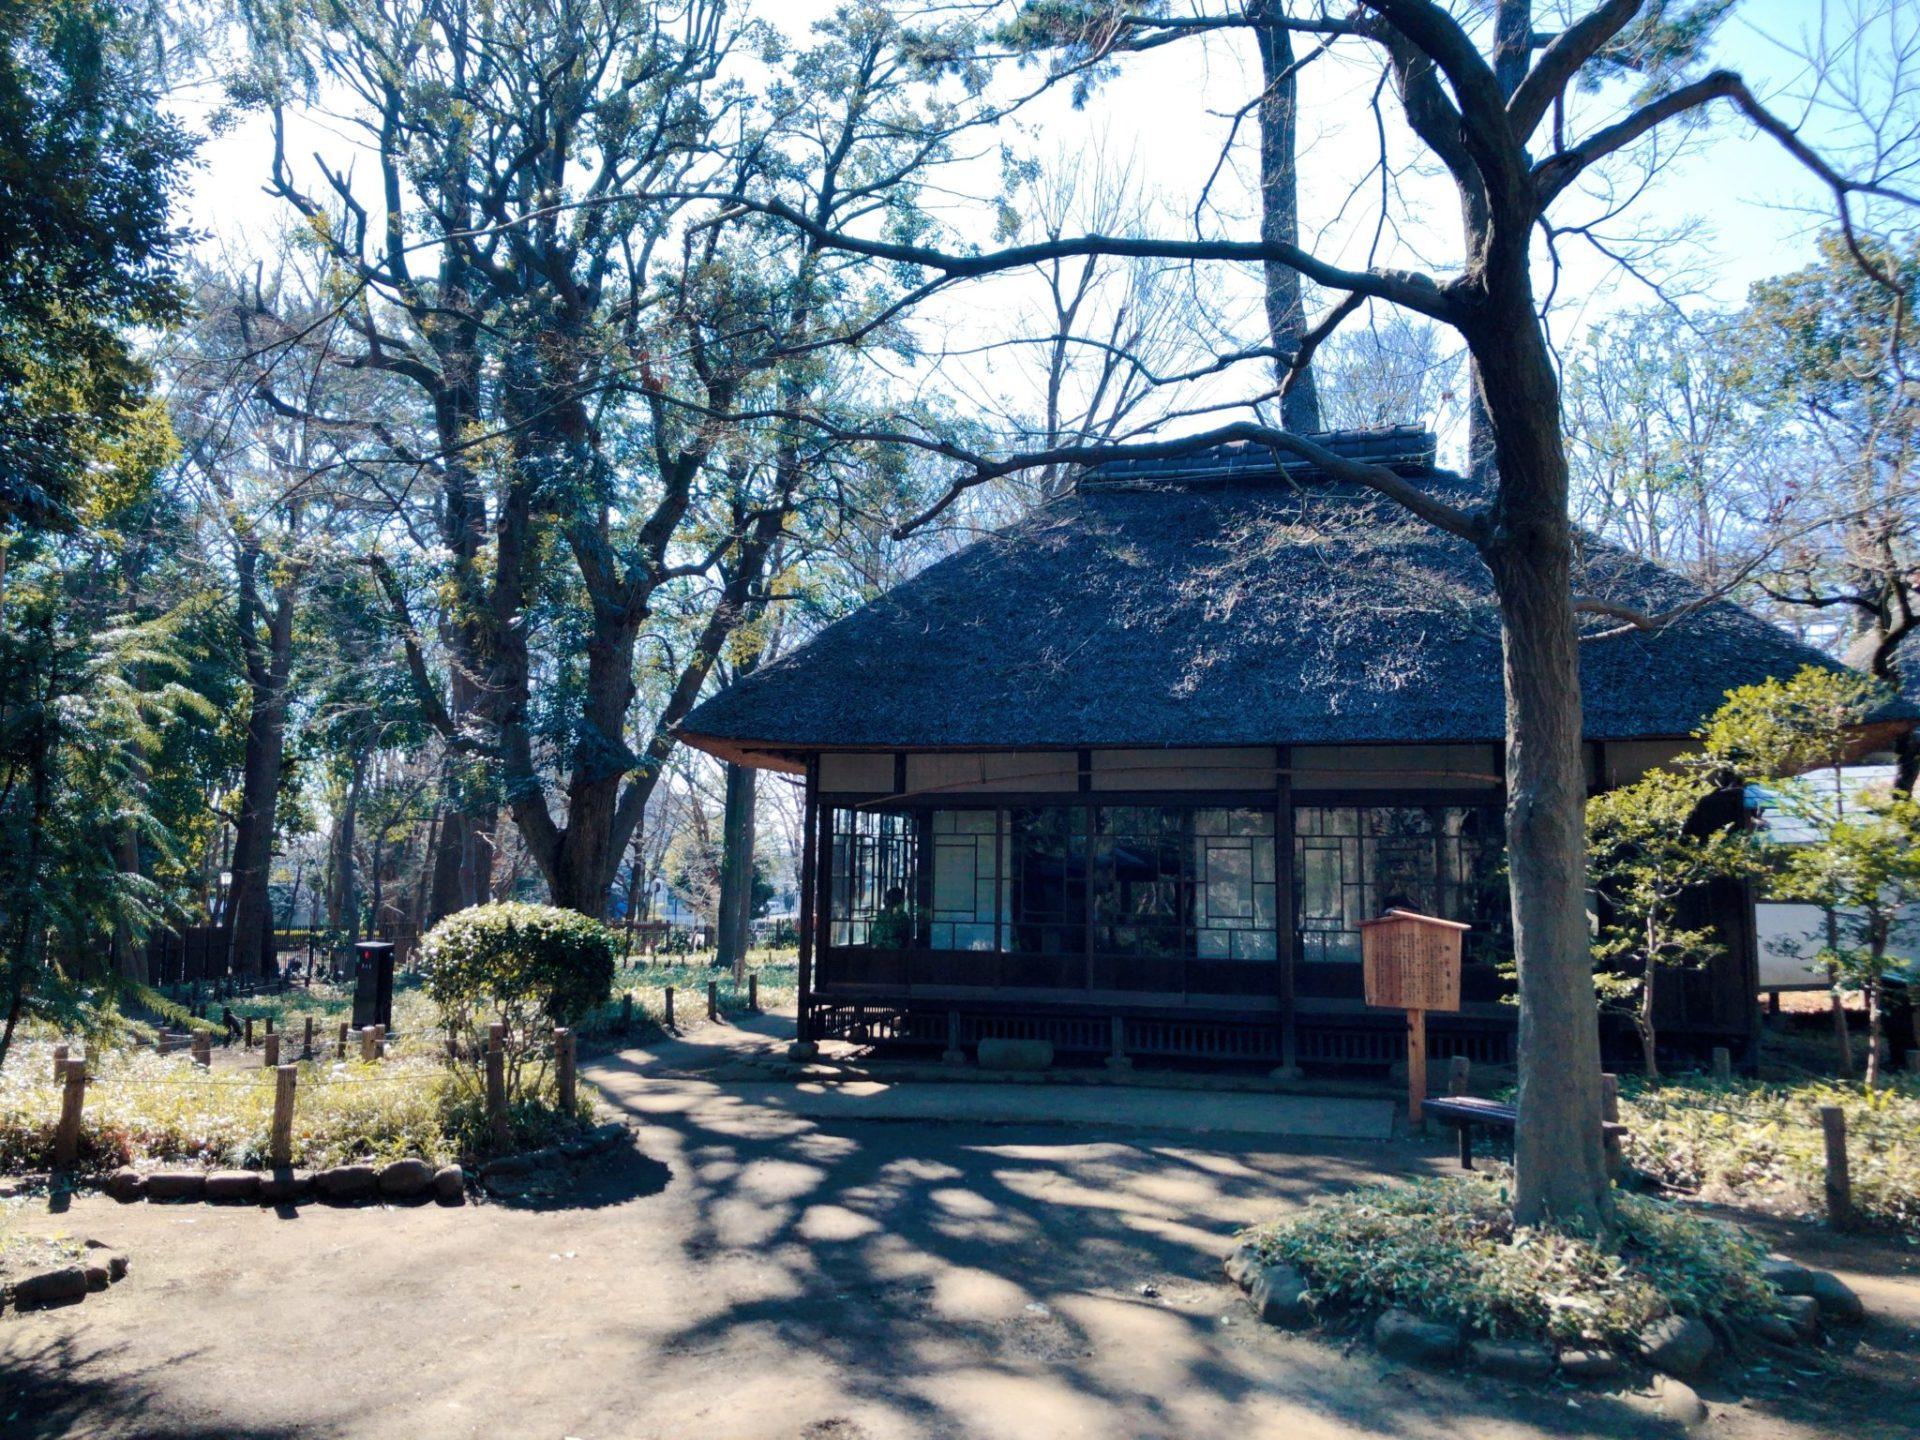 徳冨蘆花記念館の徳冨蘆花の家